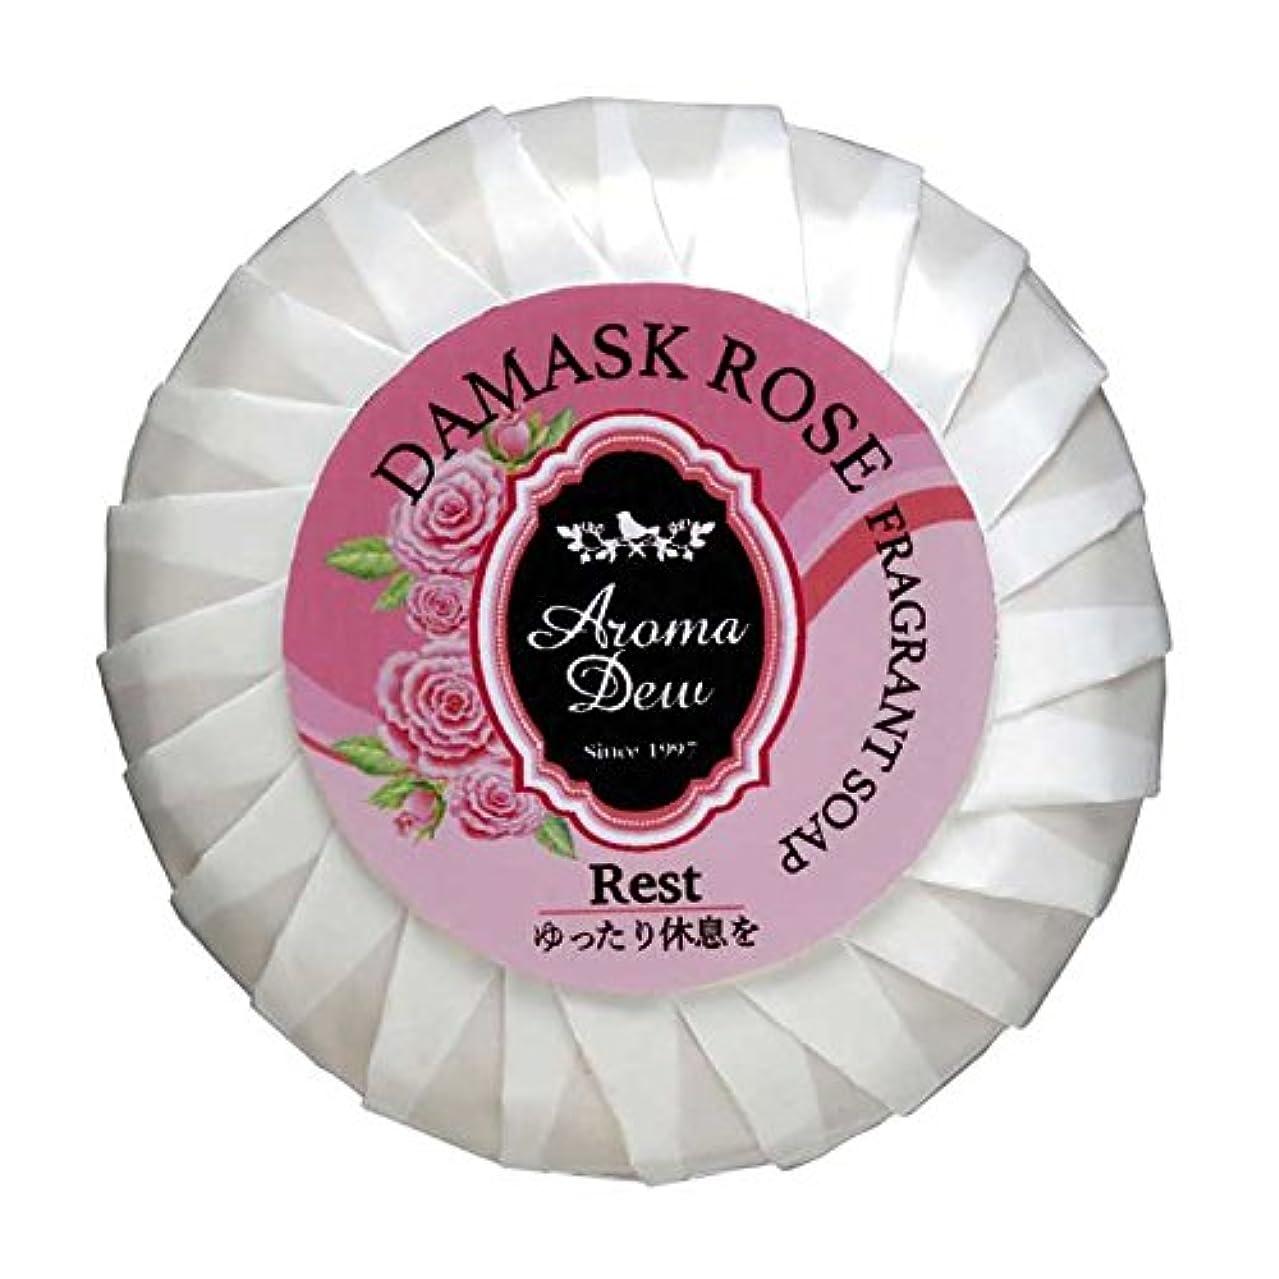 階層提供された絞るアロマデュウ フレグラントソープ ダマスクローズの香り 100g